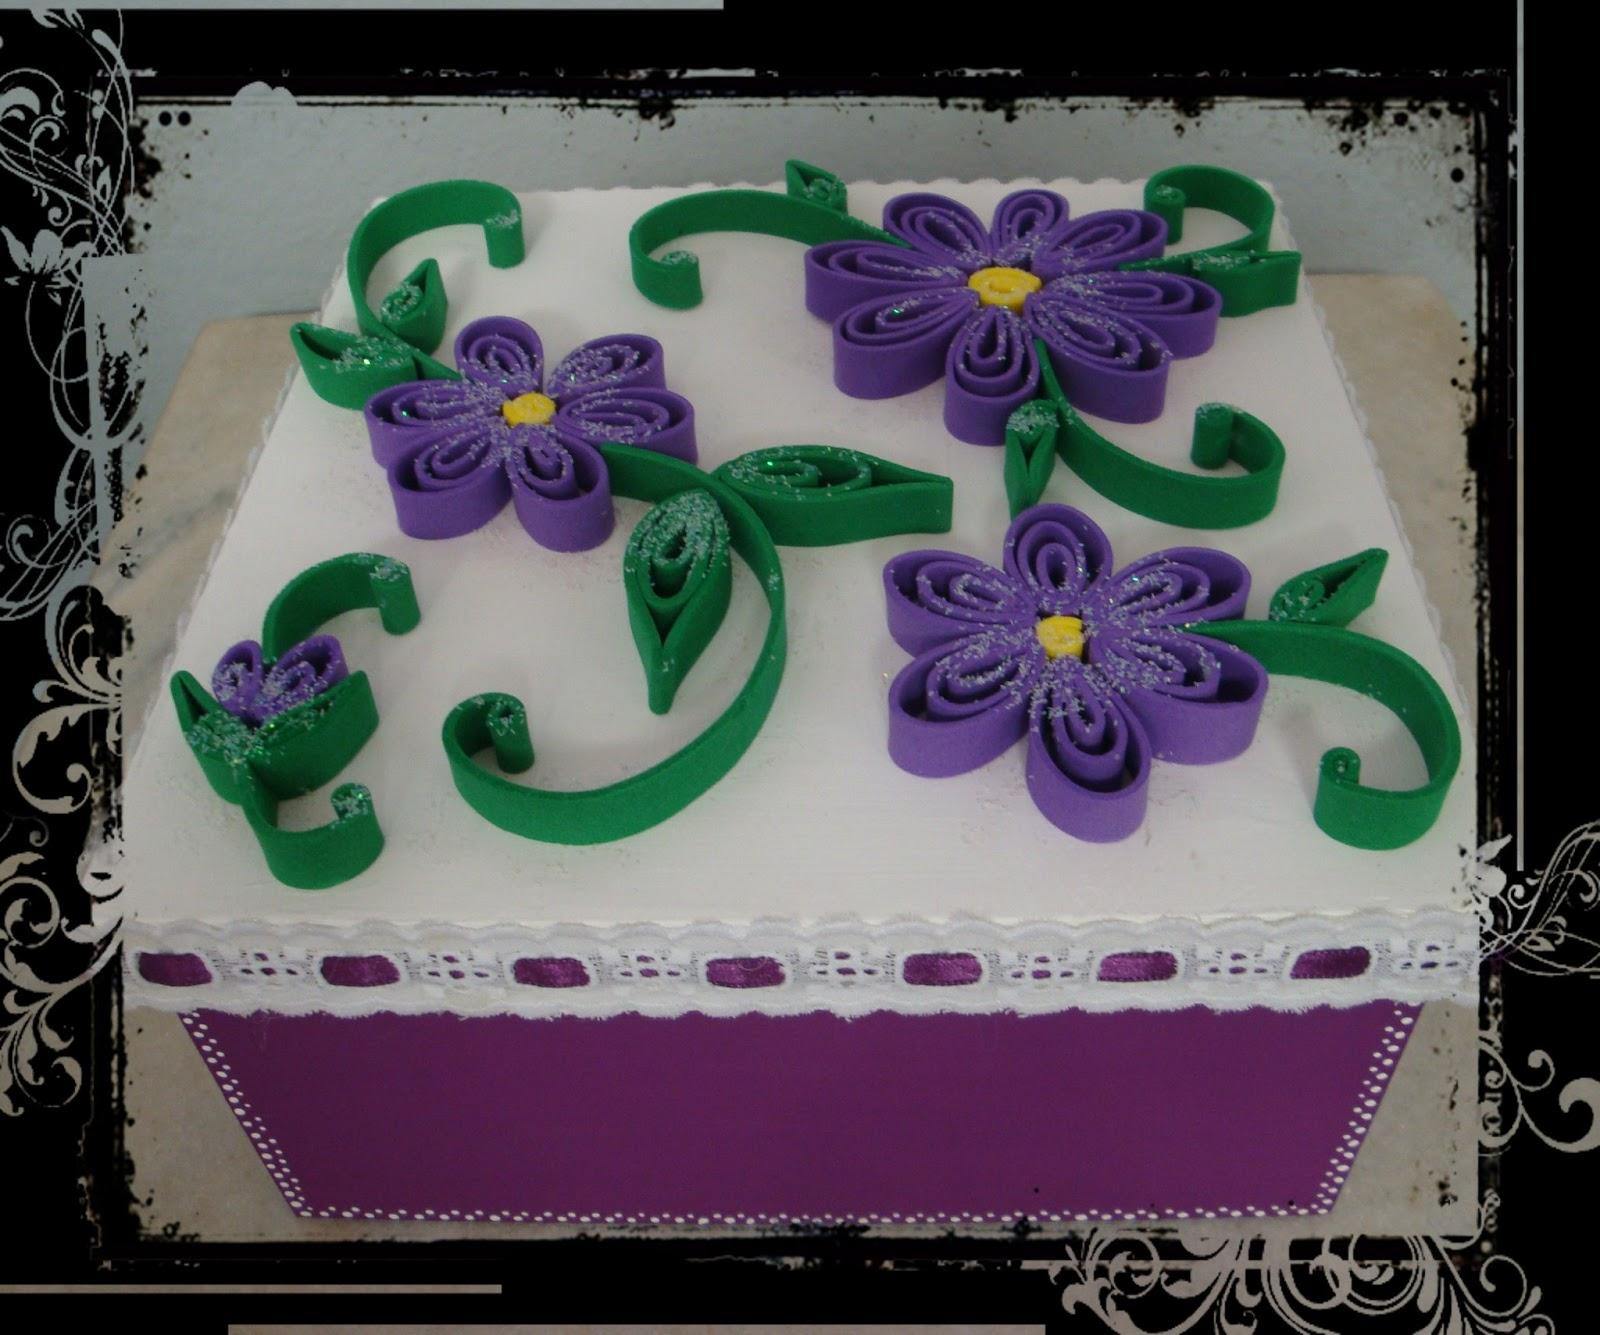 LU DECORAÇÕES: Caixa MDF decorada com Flor E.V.A. #18623C 1600x1335